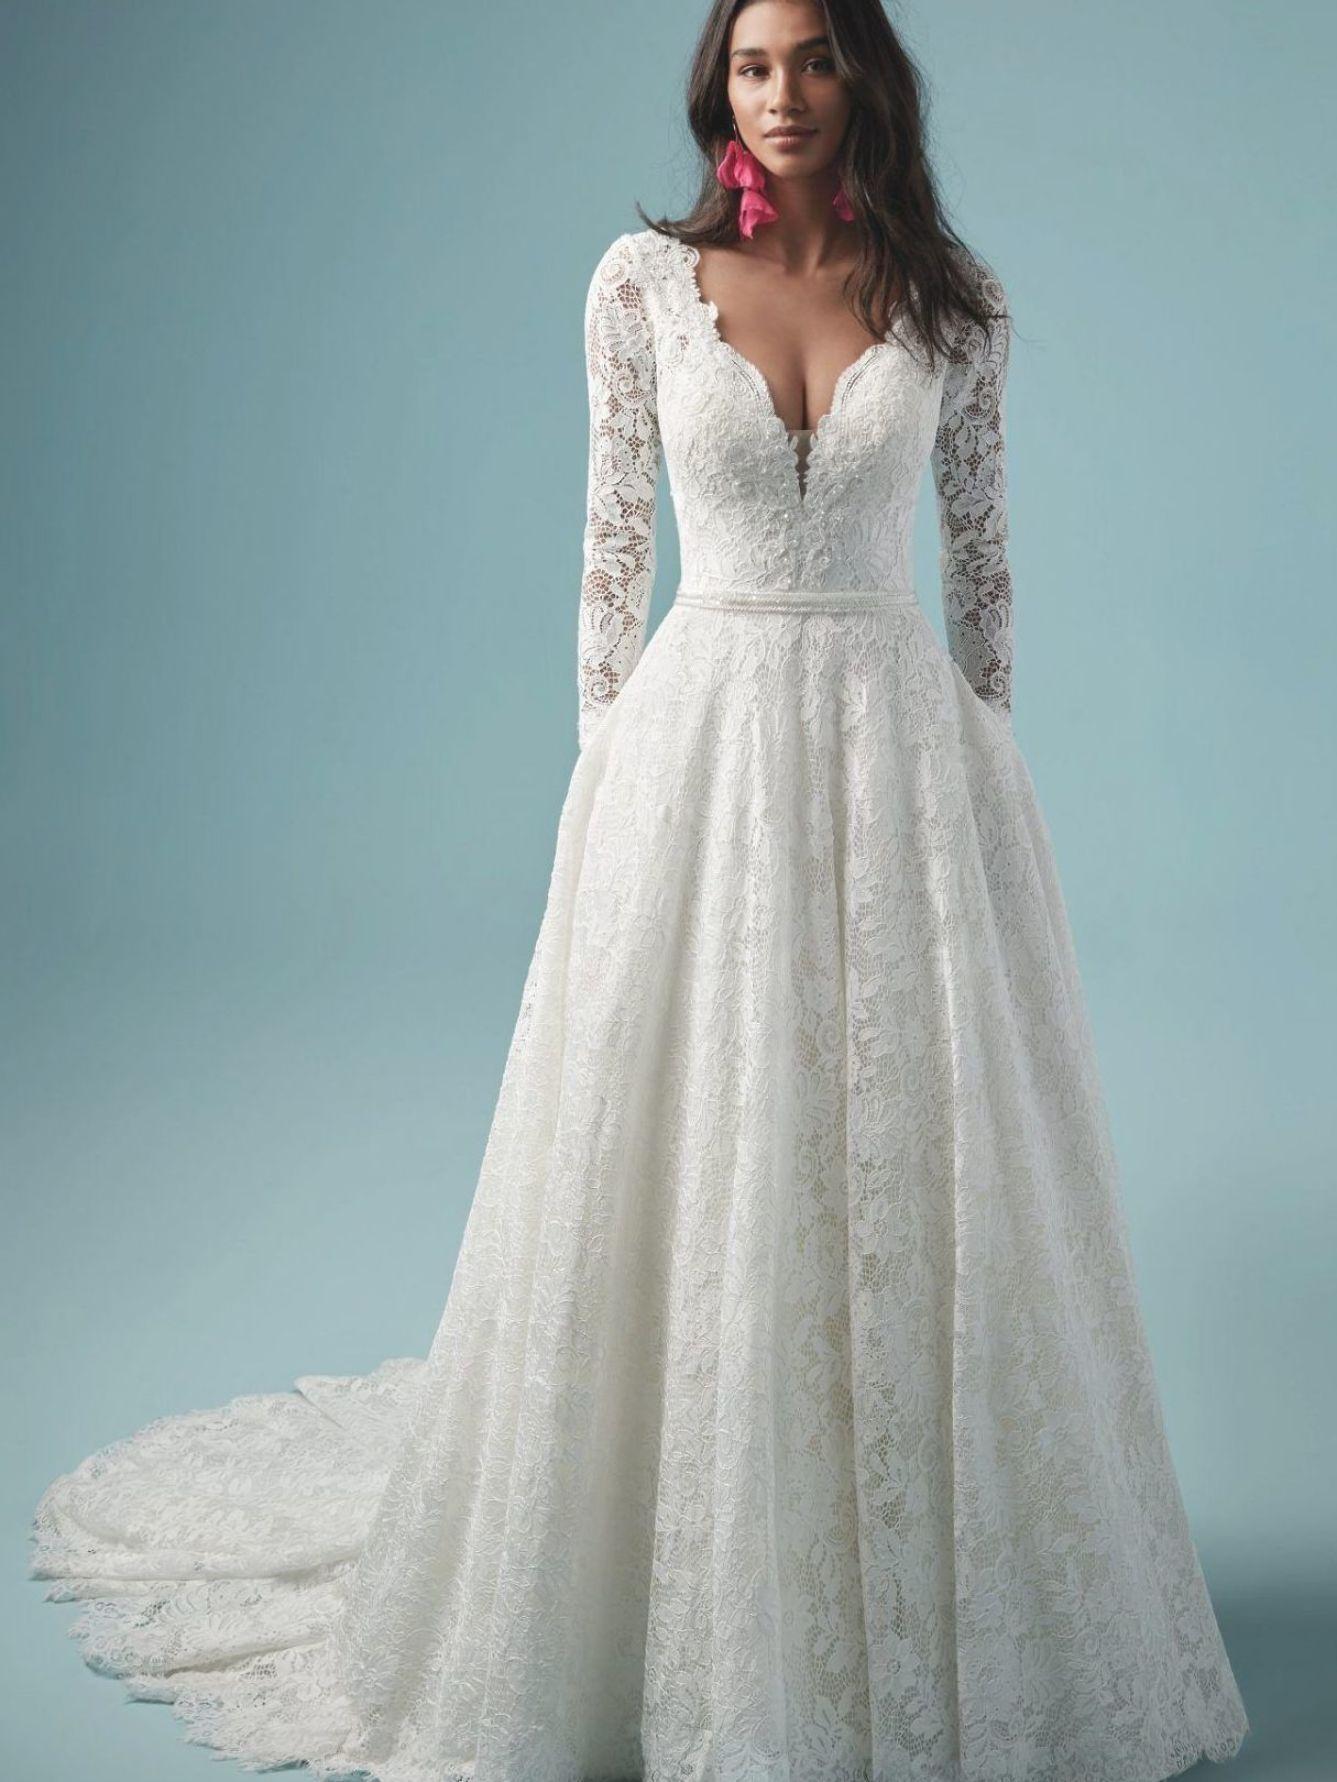 Pin By P Dewi K Z On Future Ideas In 2020 Long Sleeve Ball Gown Wedding Dress Ball Gown Wedding Dress Wedding Dress Long Sleeve